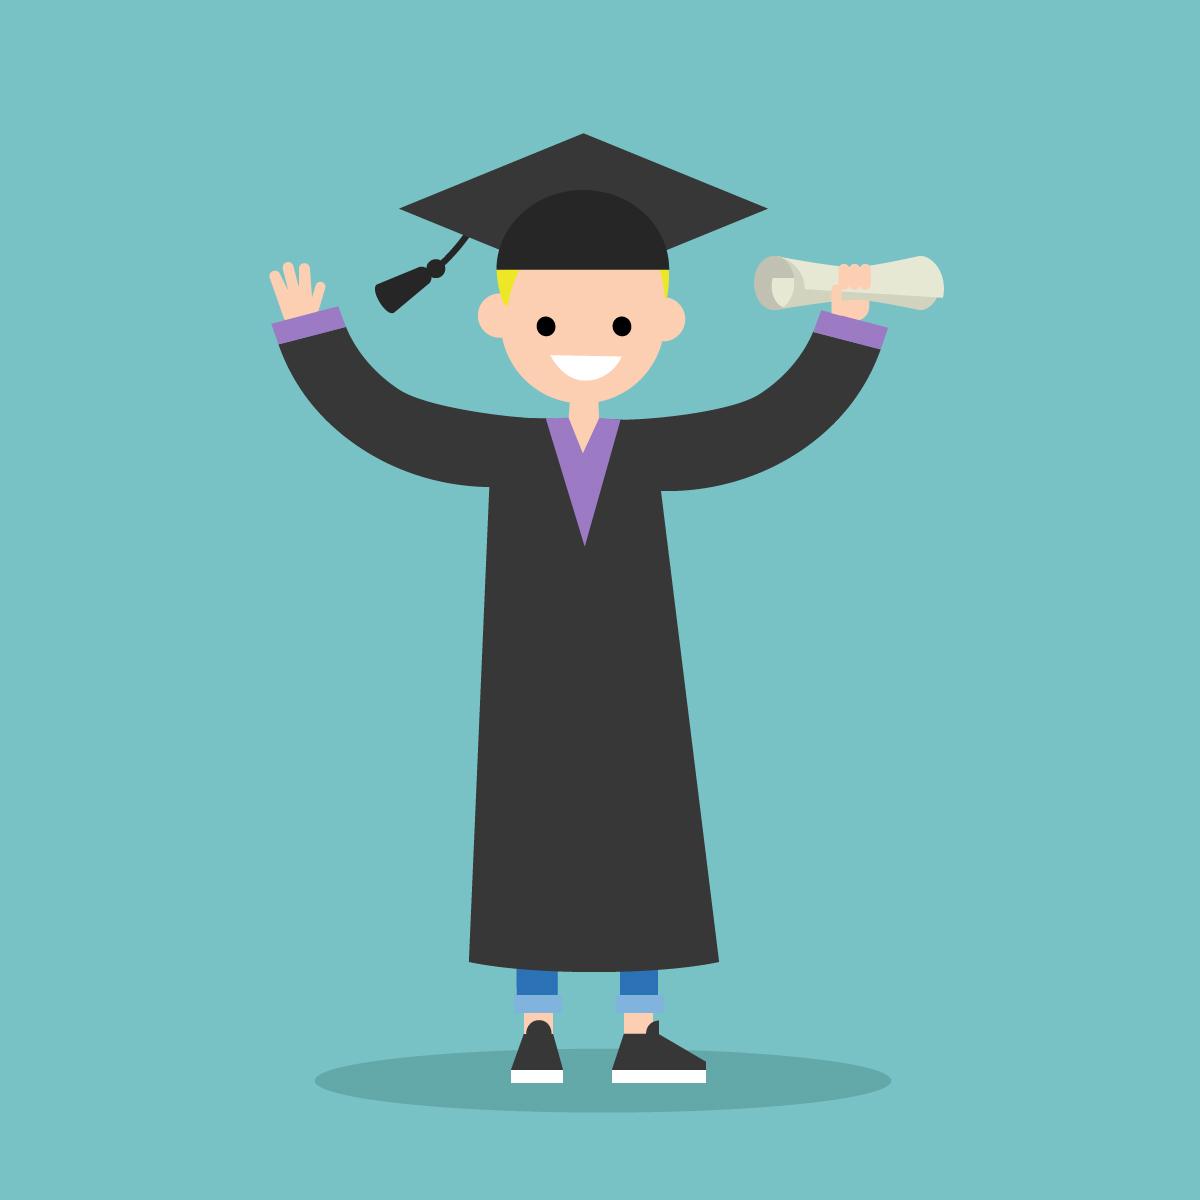 Qui est le jeune dont la persévérance scolaire est fragile?